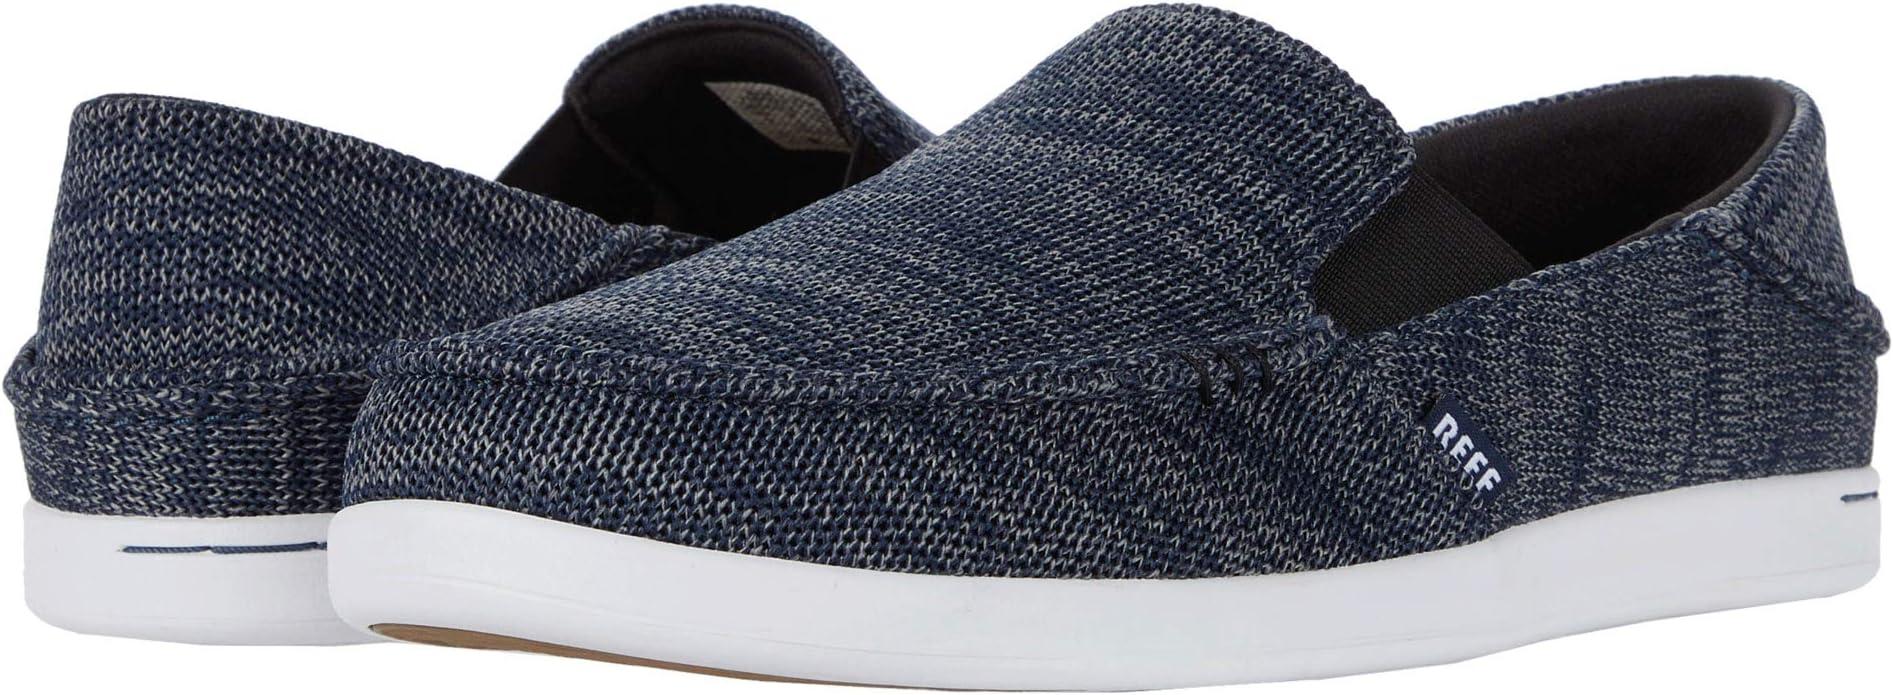 TC-2-Mens-Sneakers-2020-24-20